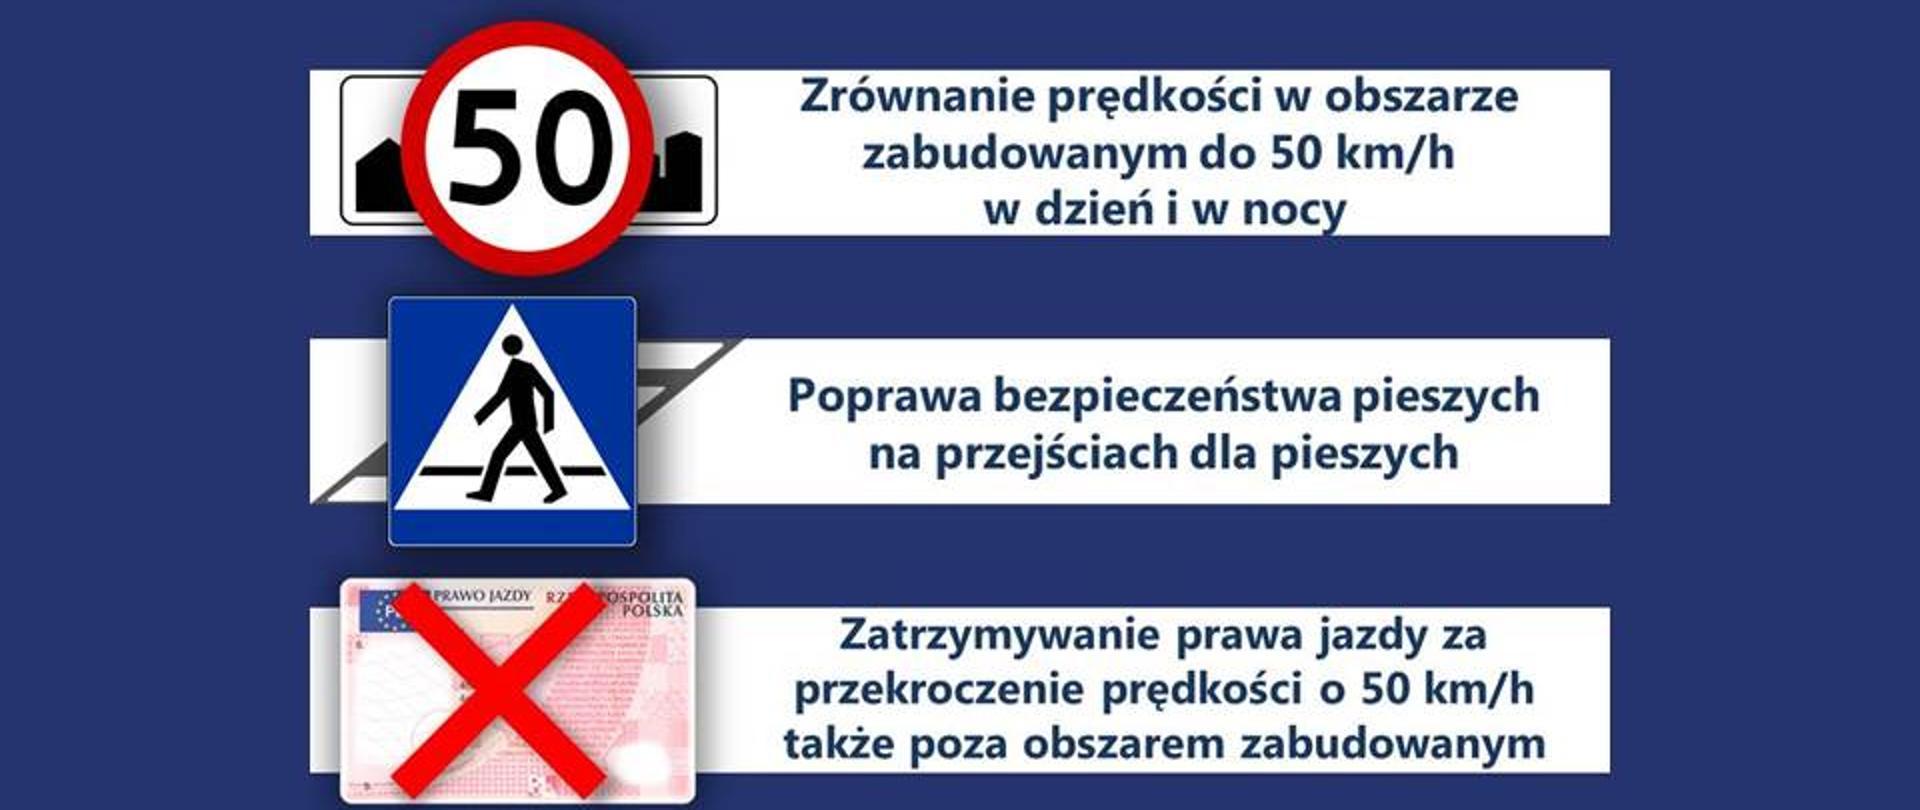 Zwiększamy bezpieczeństwo w ruchu drogowym - infografika